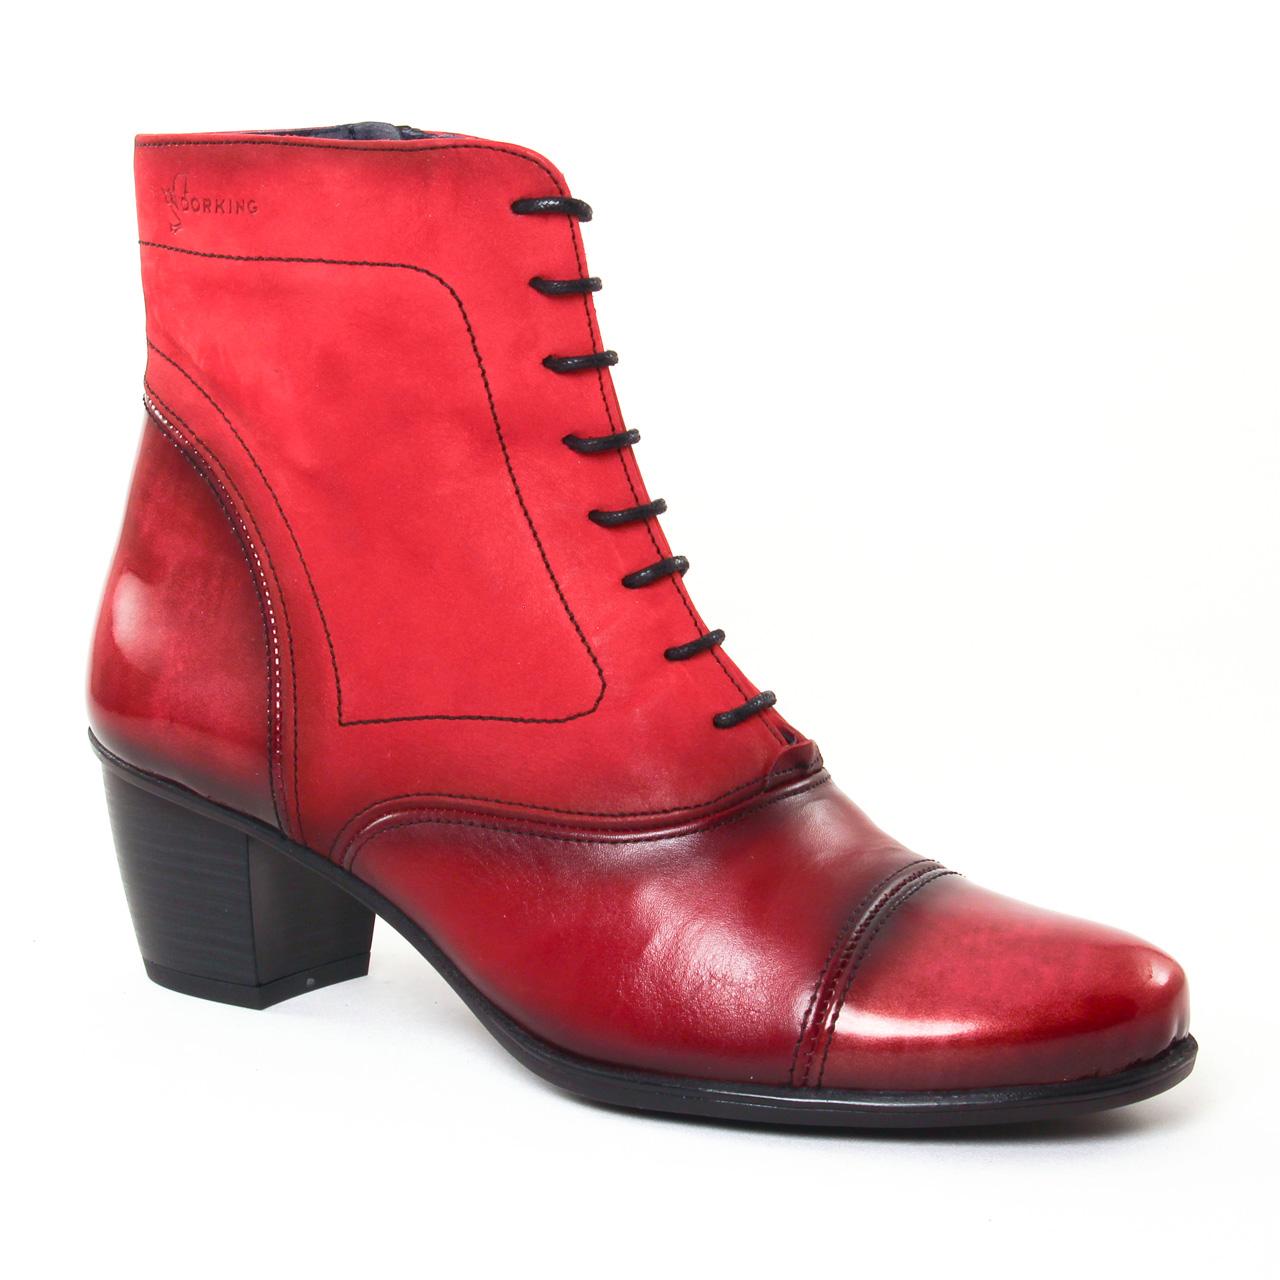 dorking brisda 7255 picota | bottine à lacets rouge automne hiver